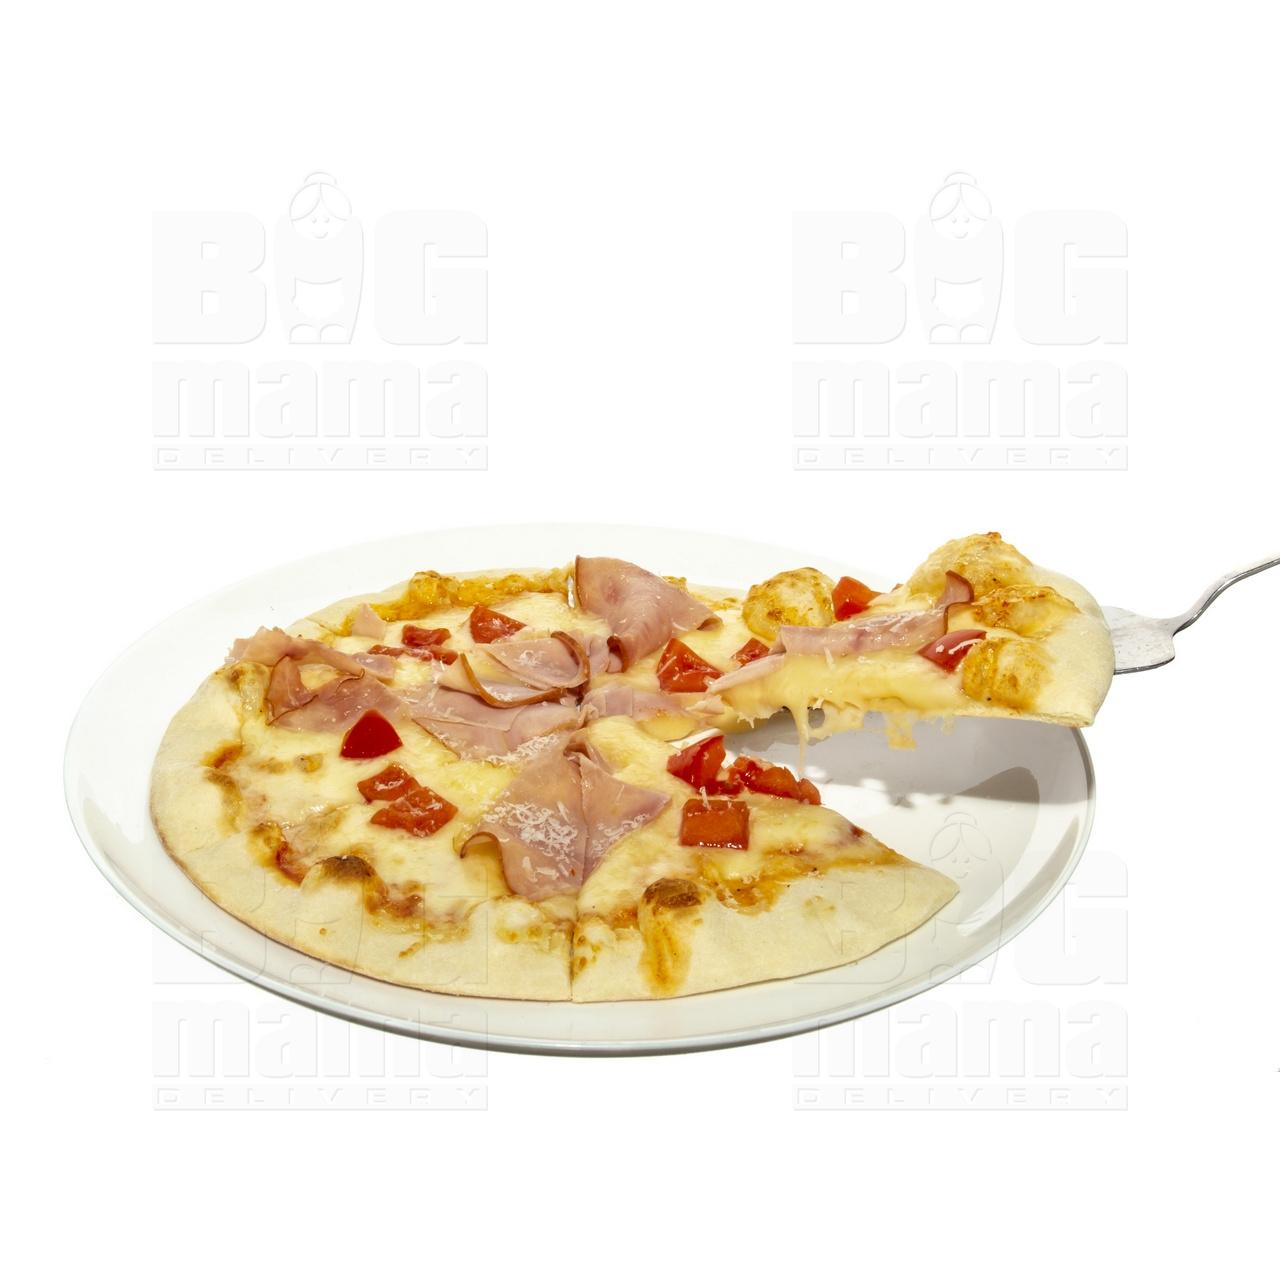 Product #213 image - Pizza Prosciutto Cotto